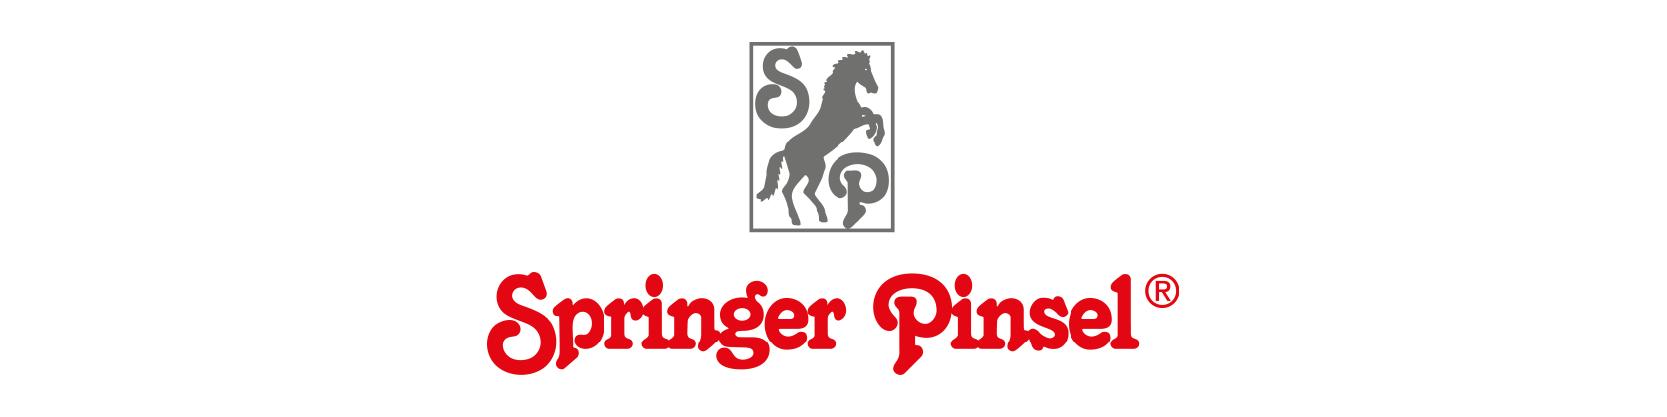 springer pinsel Logo - Lieferant unseres Bastelladen in Lohne